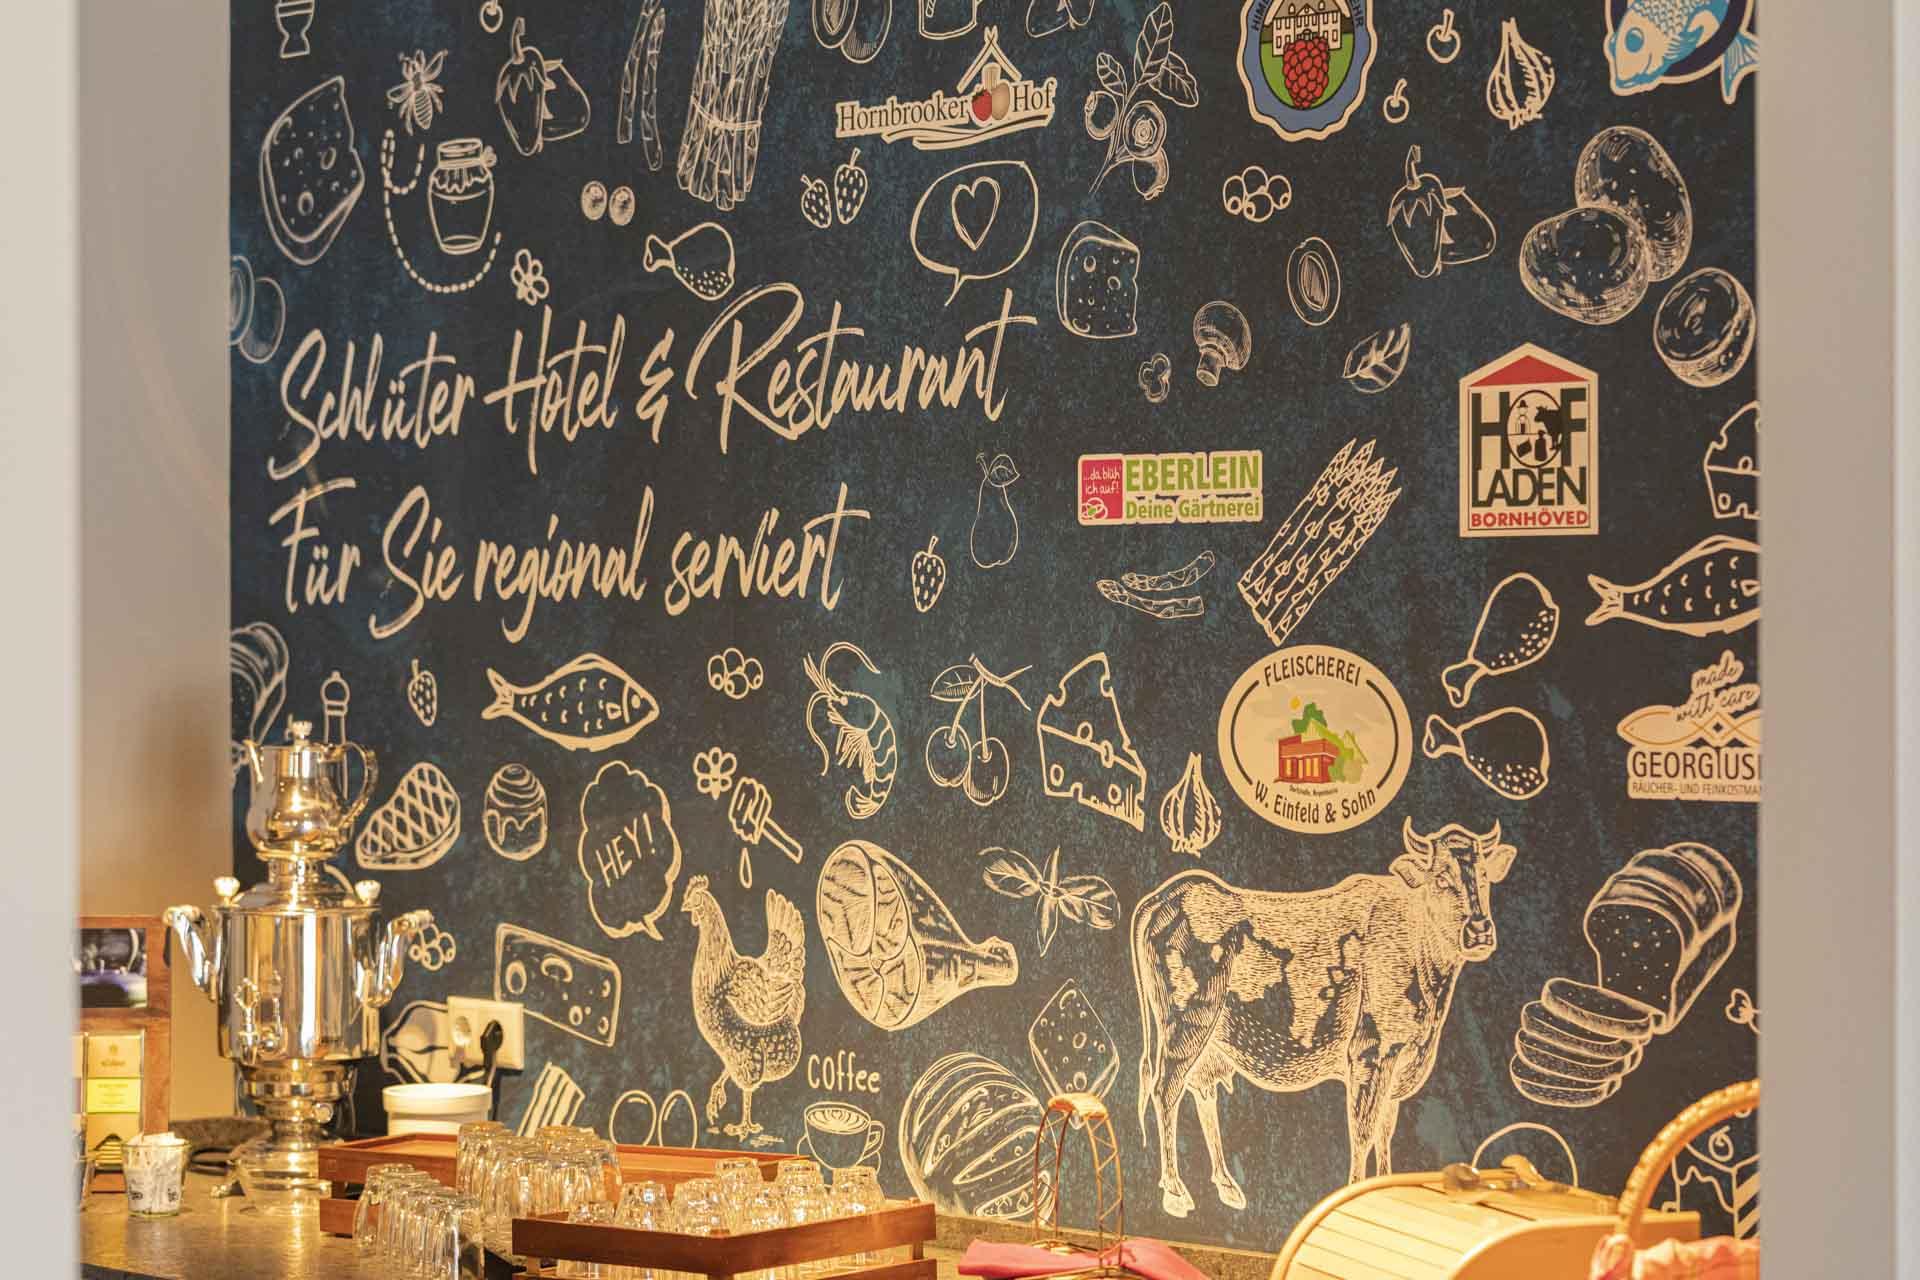 Restaurant Raeumlichkeiten